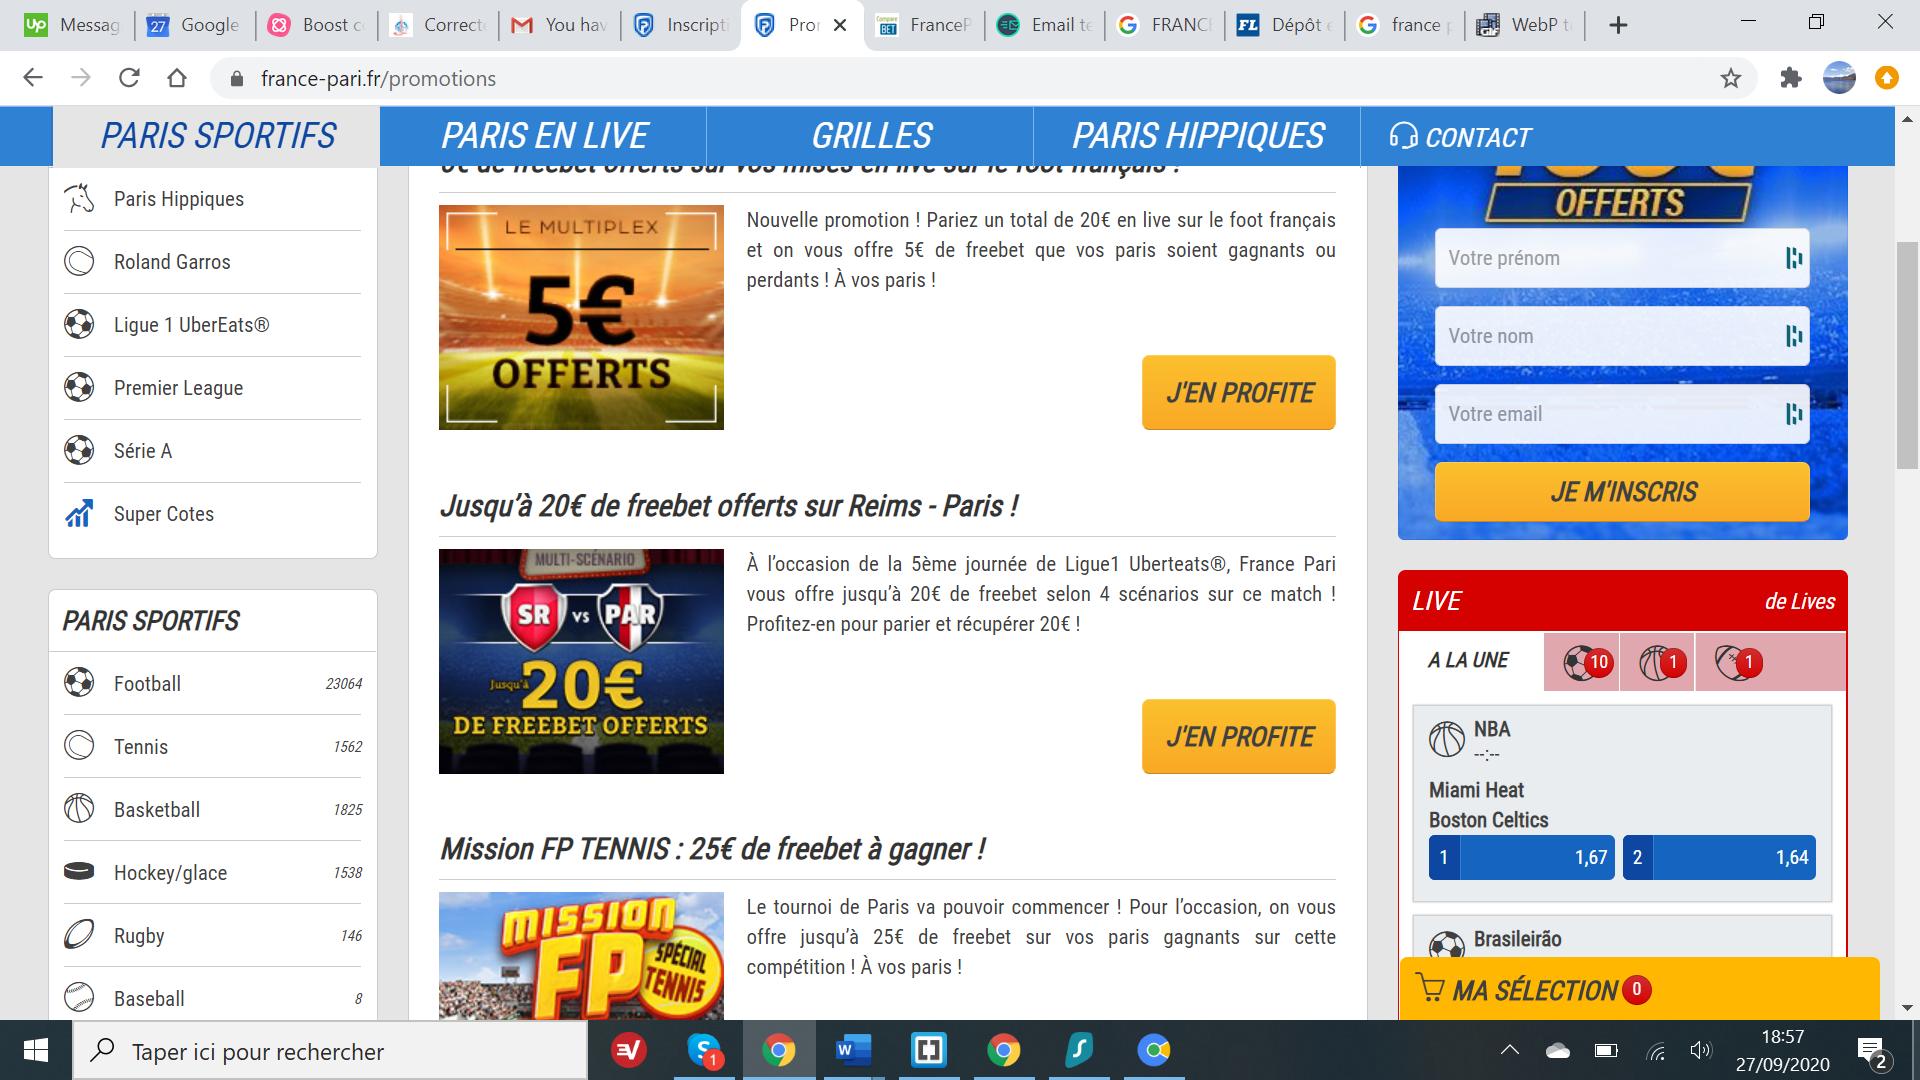 France Pari - Offres